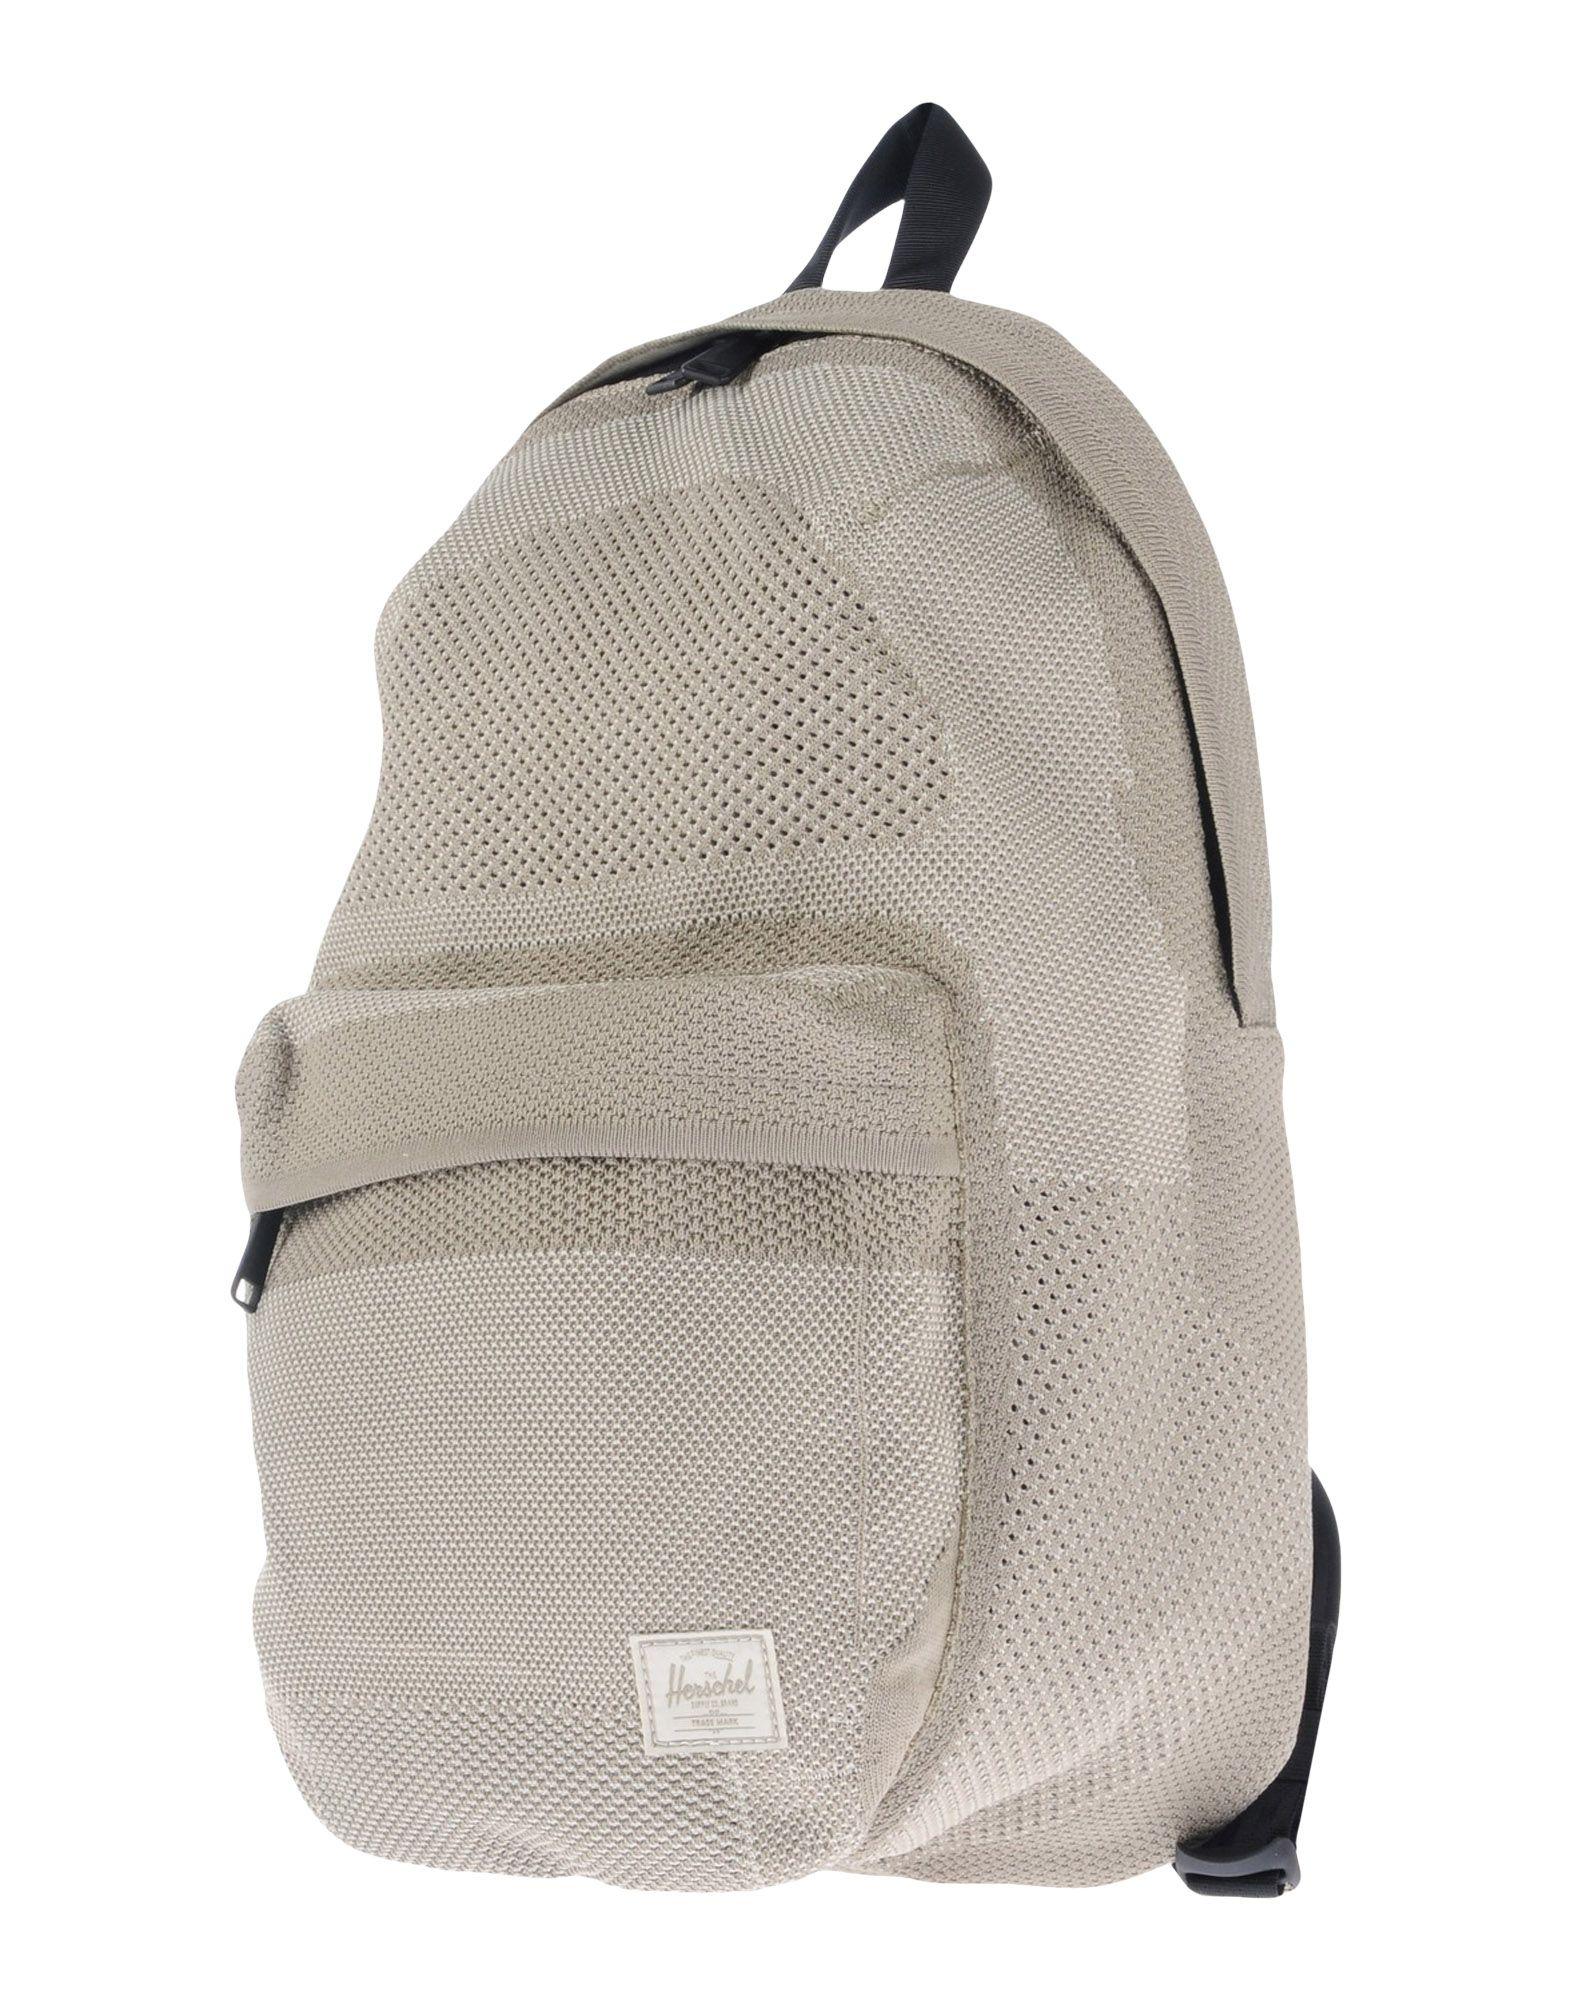 HERSCHEL SUPPLY CO. Рюкзаки и сумки на пояс ноутбук рюкзак 3d пузырь галактики печати рюкзаки большой емкости отдыха сумки